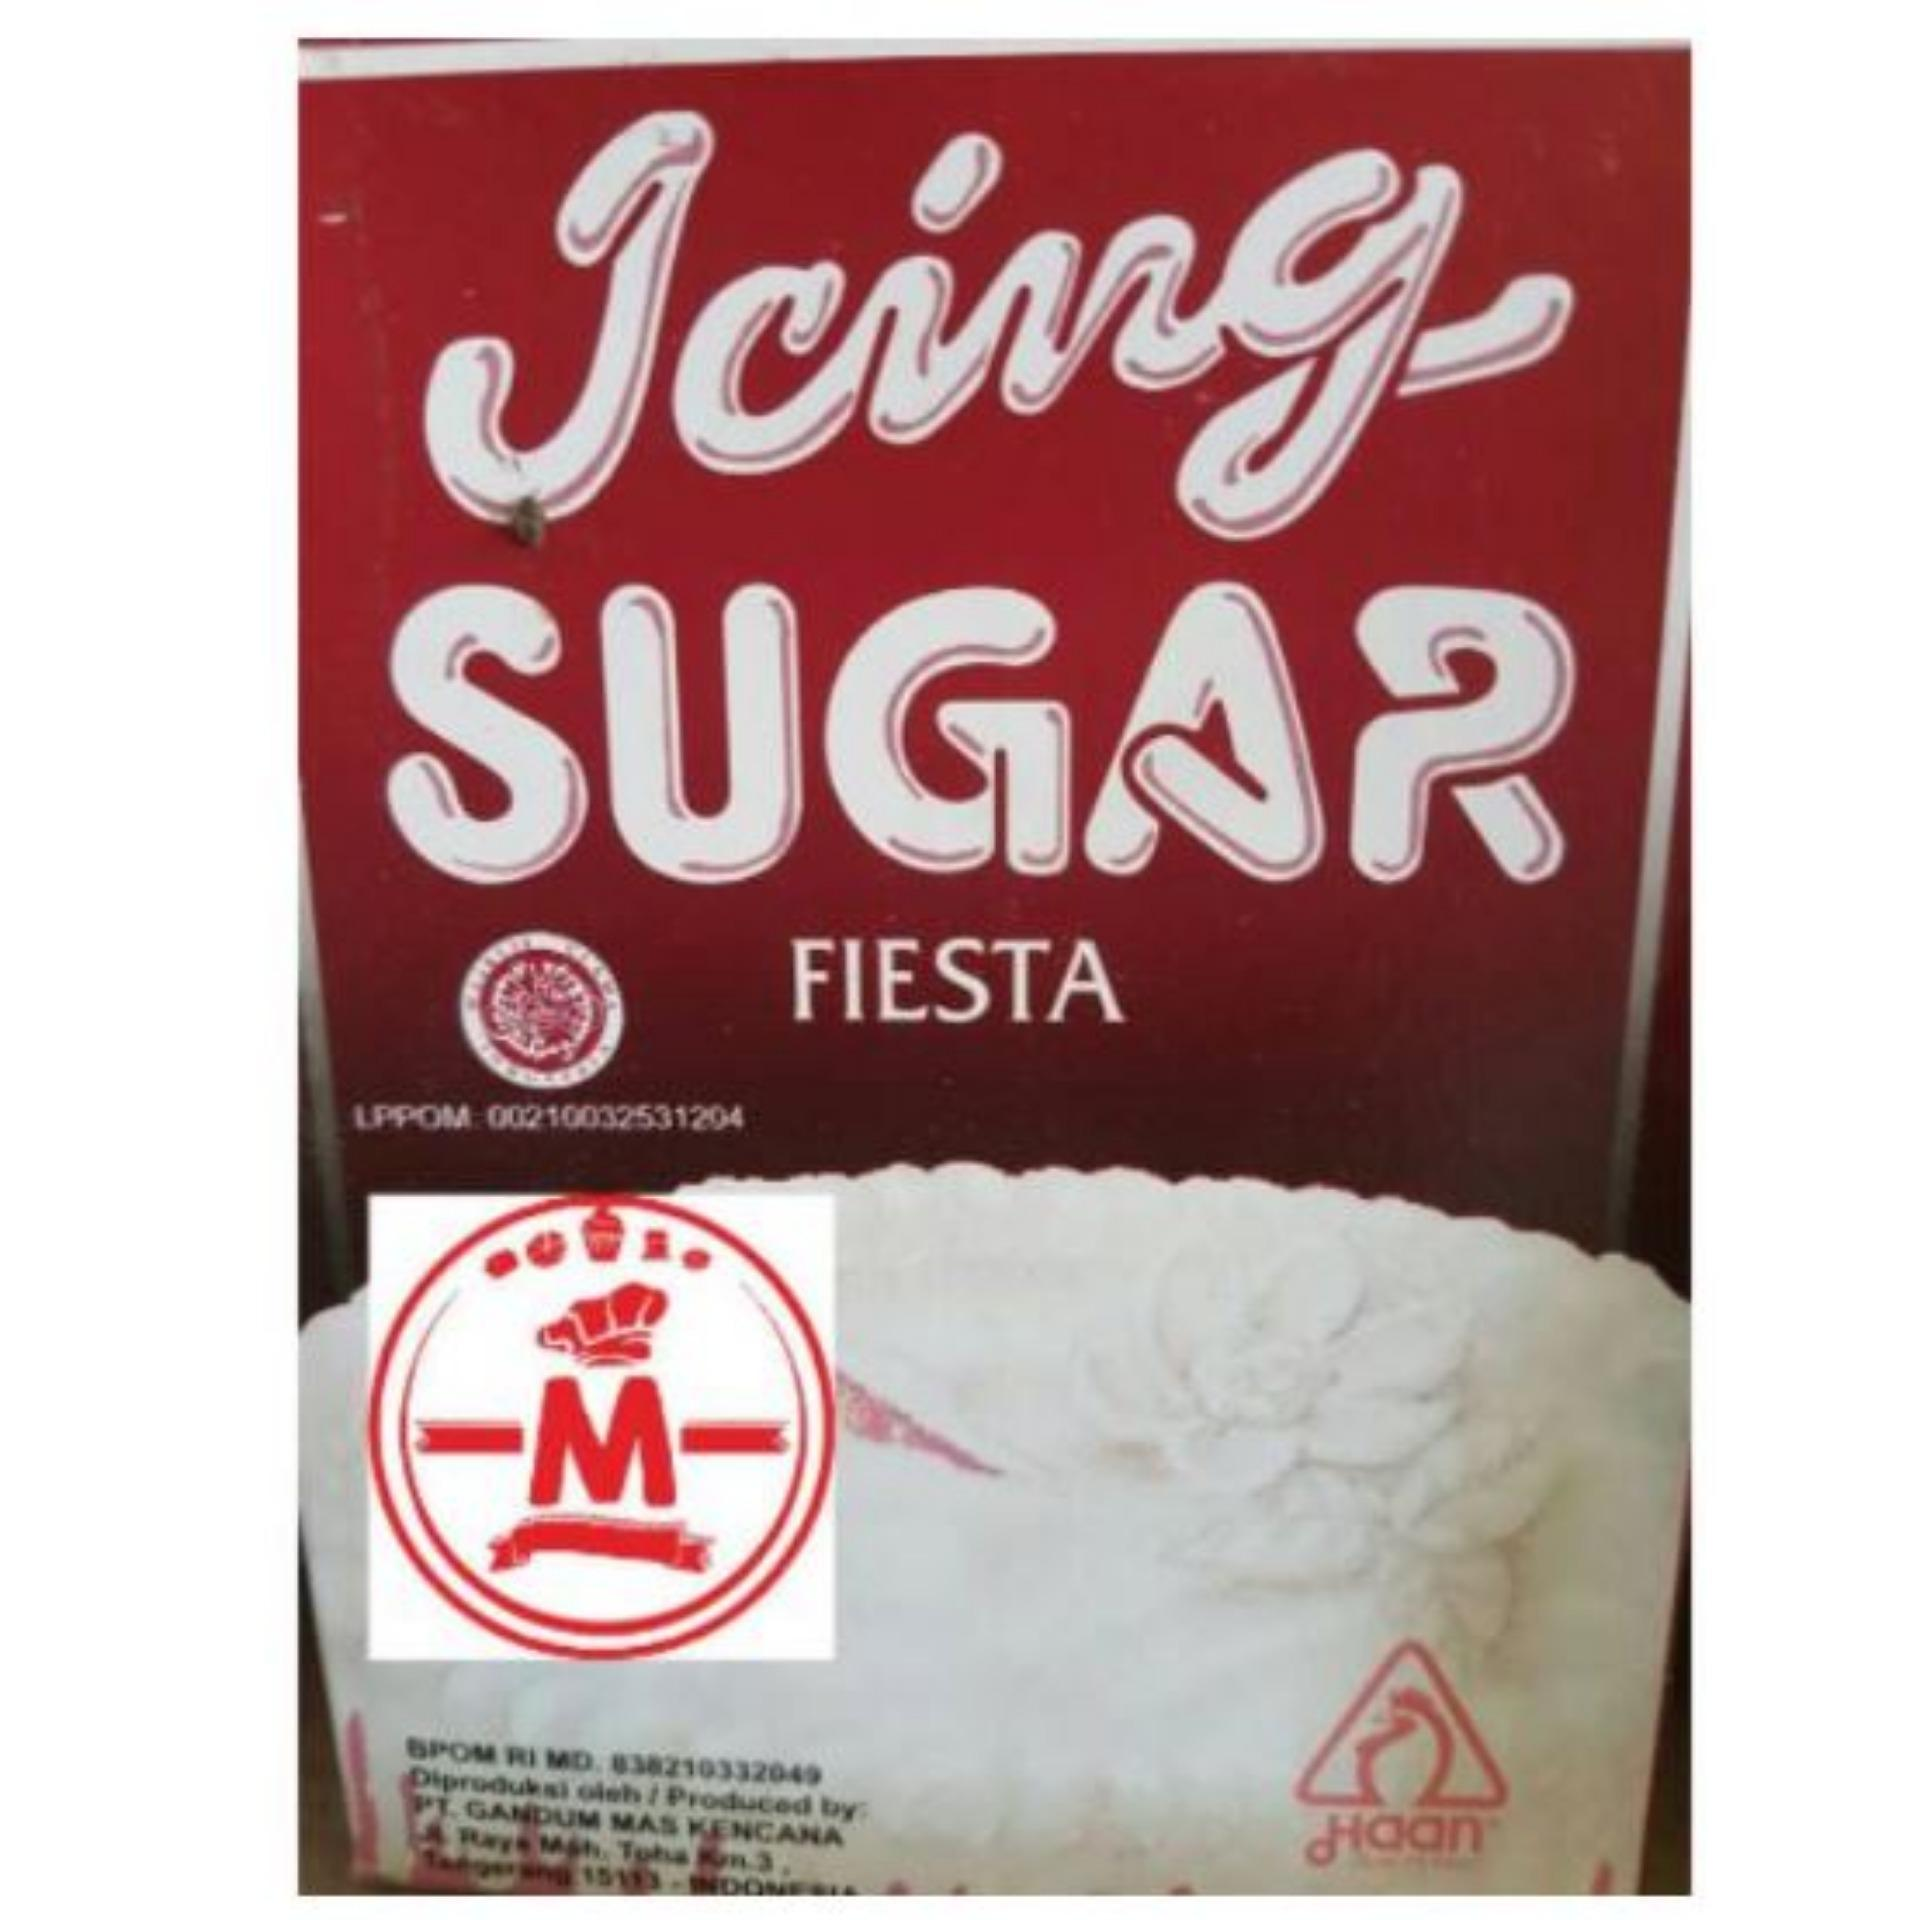 Pencarian Termurah HBT Icing sugar fiesta 500gr harga penawaran - Hanya Rp19.728